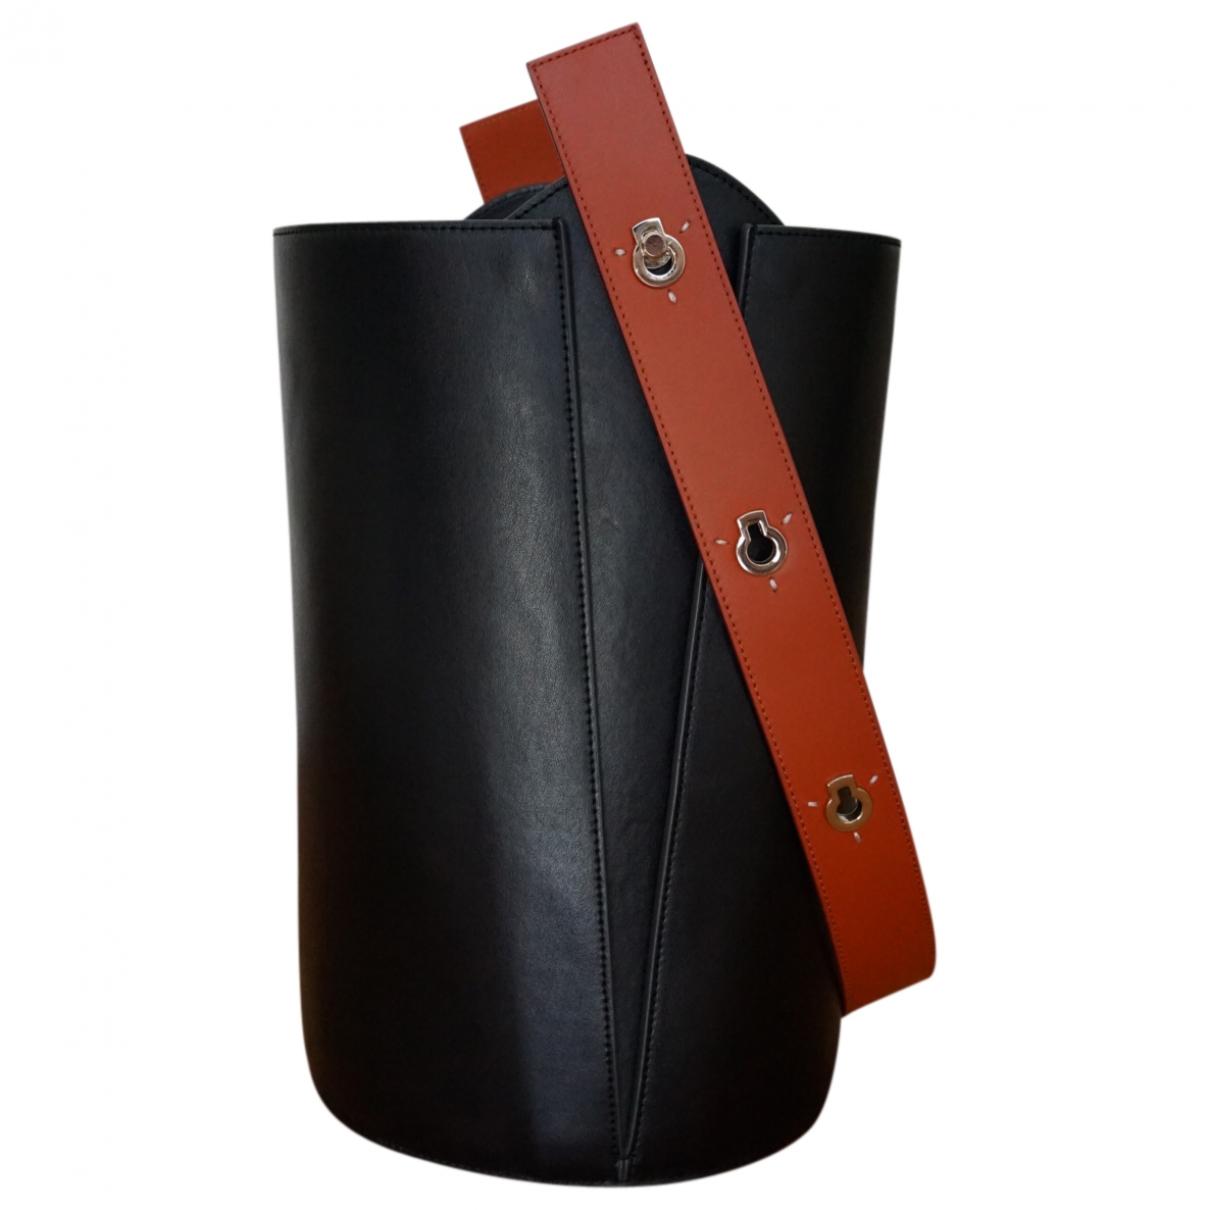 Danse Lente \N Black Leather handbag for Women \N